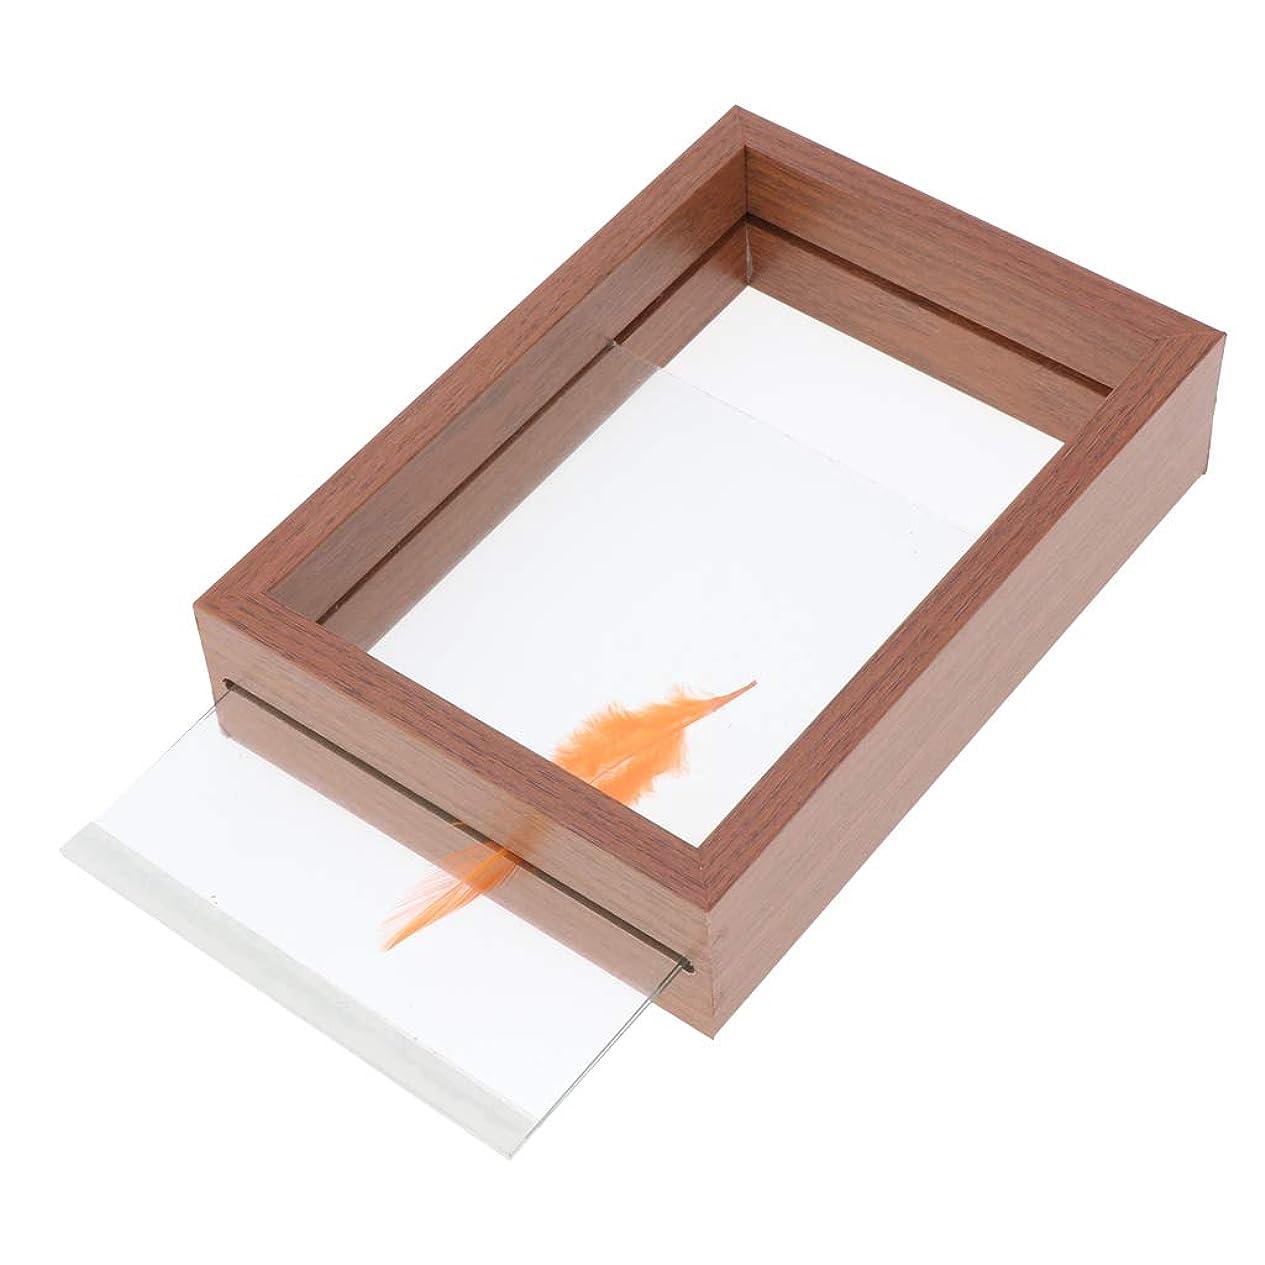 純粋な足枷葉を集めるフォトフレーム 標本フレーム DIY 植物 昆虫 ウッドフレーム 両面ガラス DIY 2サイズ - ブラウン, 10×13.5×4cm